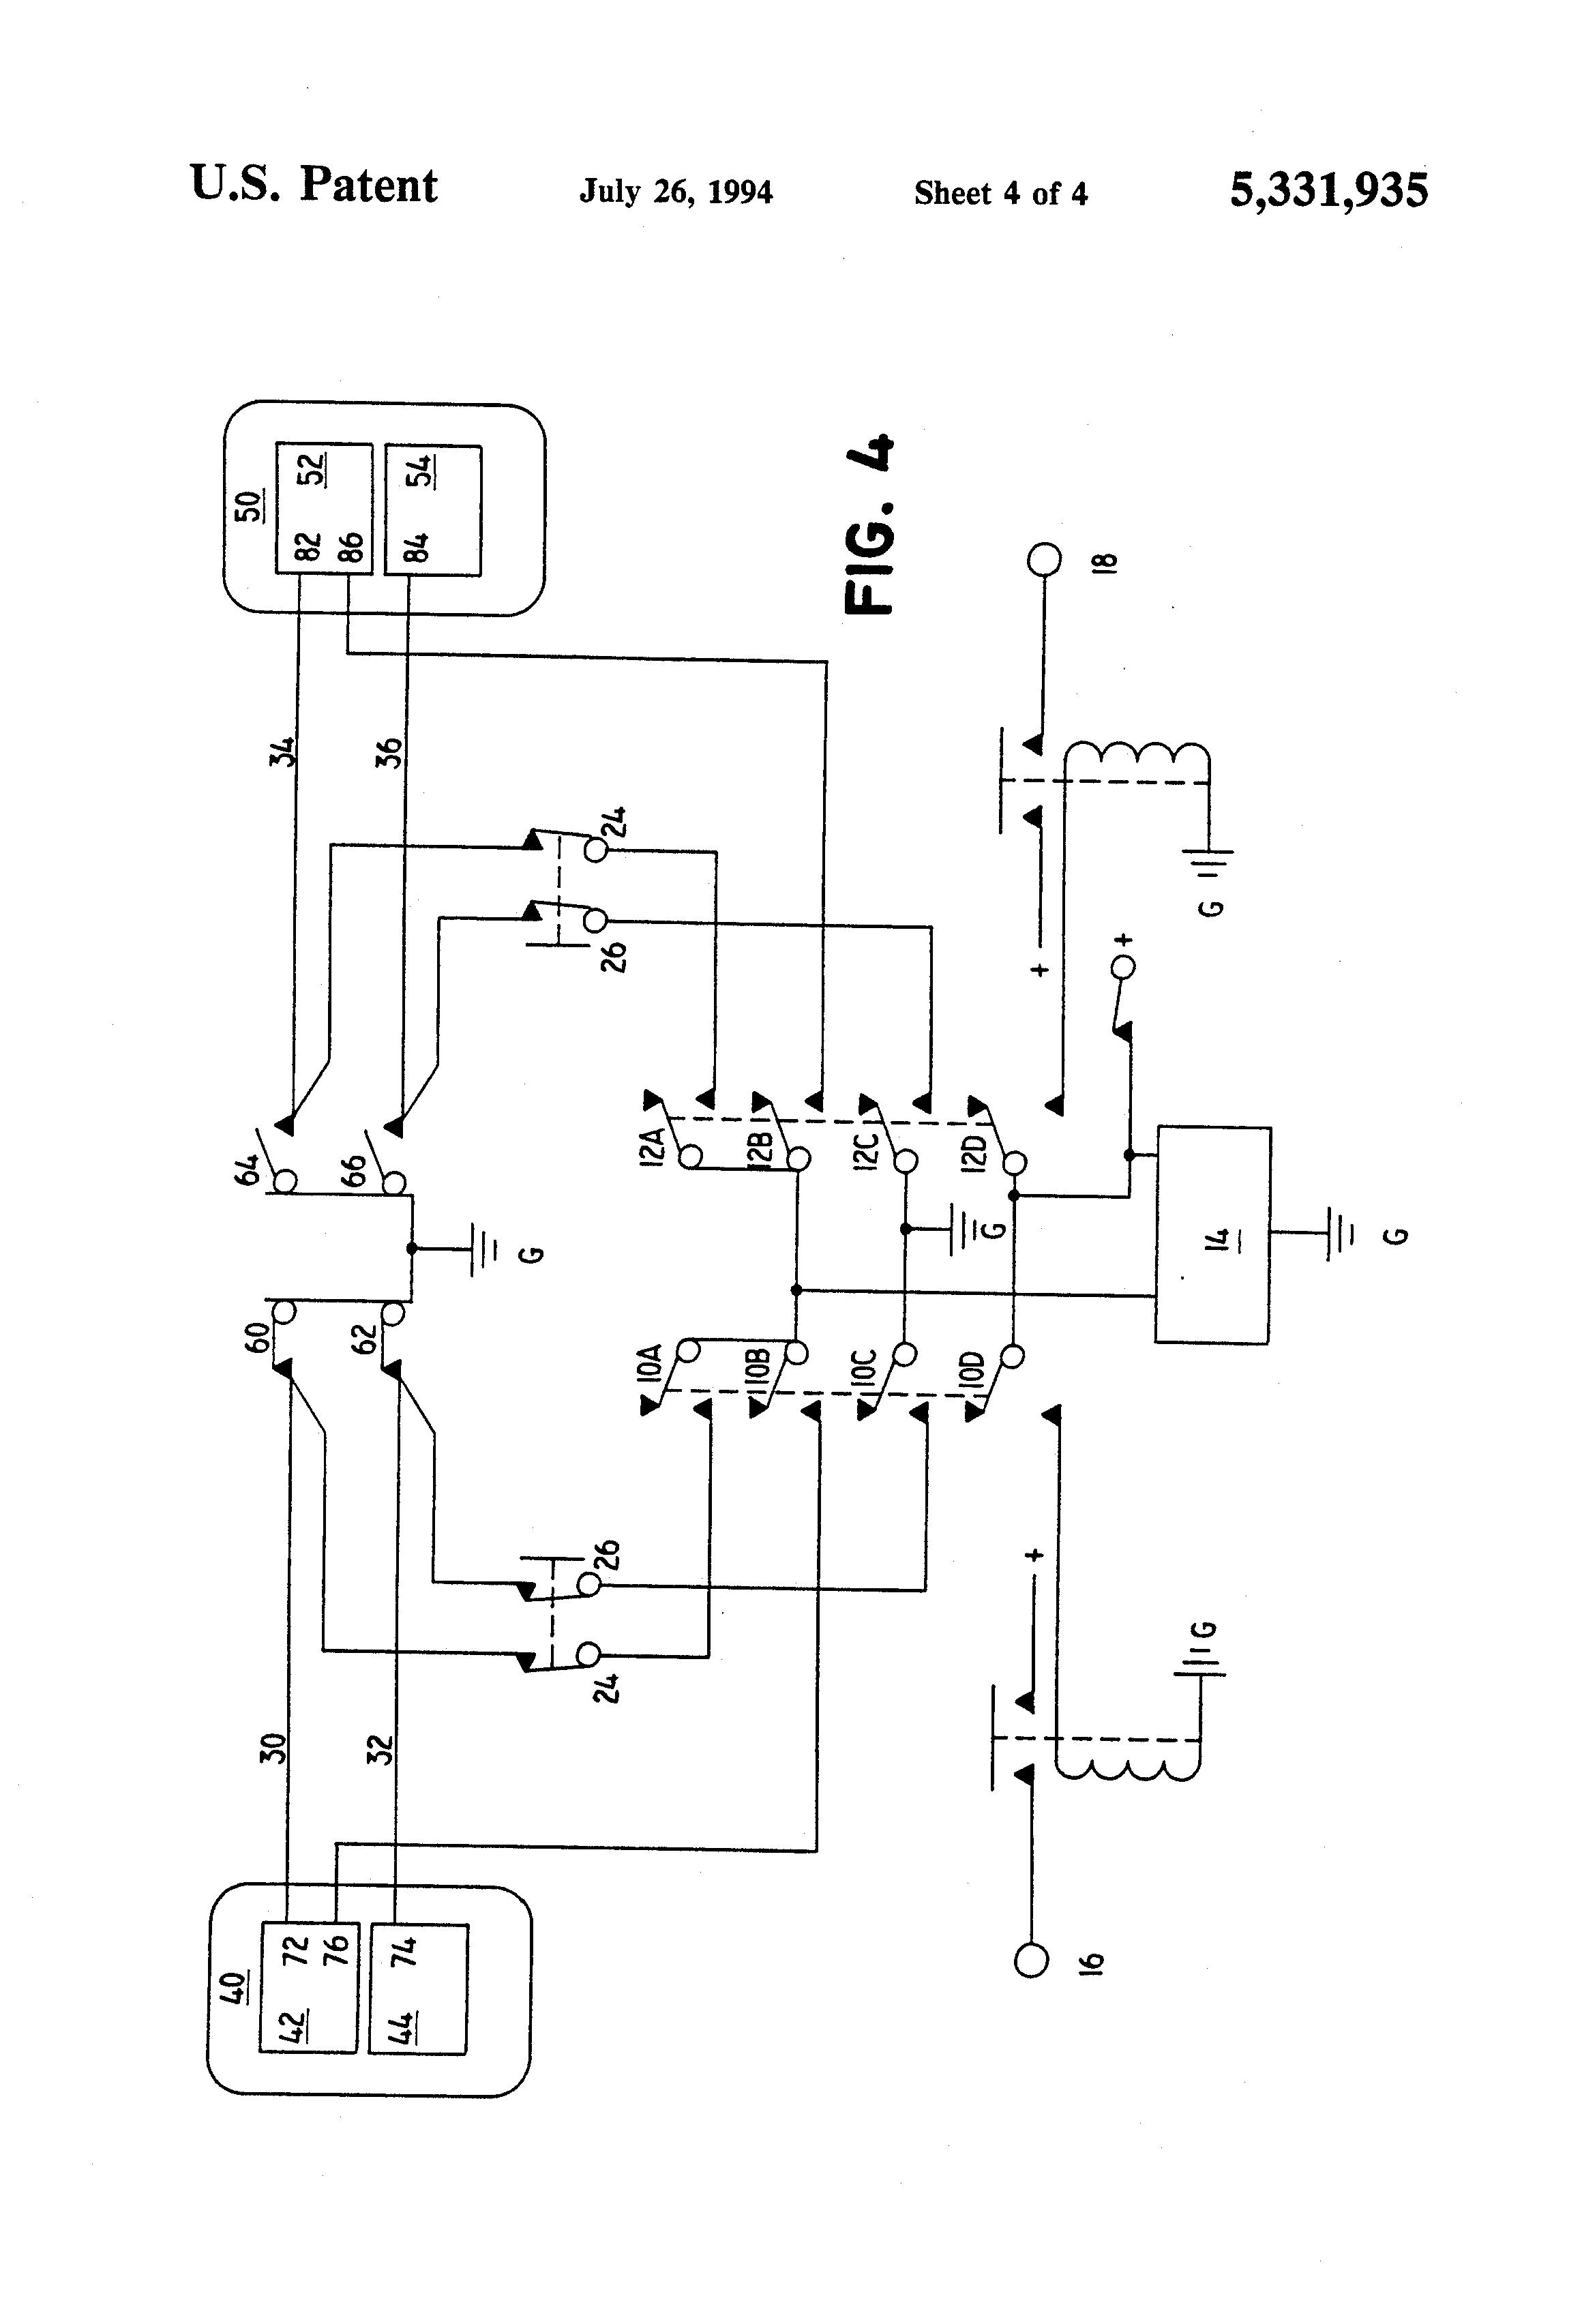 F12 Magneto Wiring Schematic - Wiring Diagrams Schema